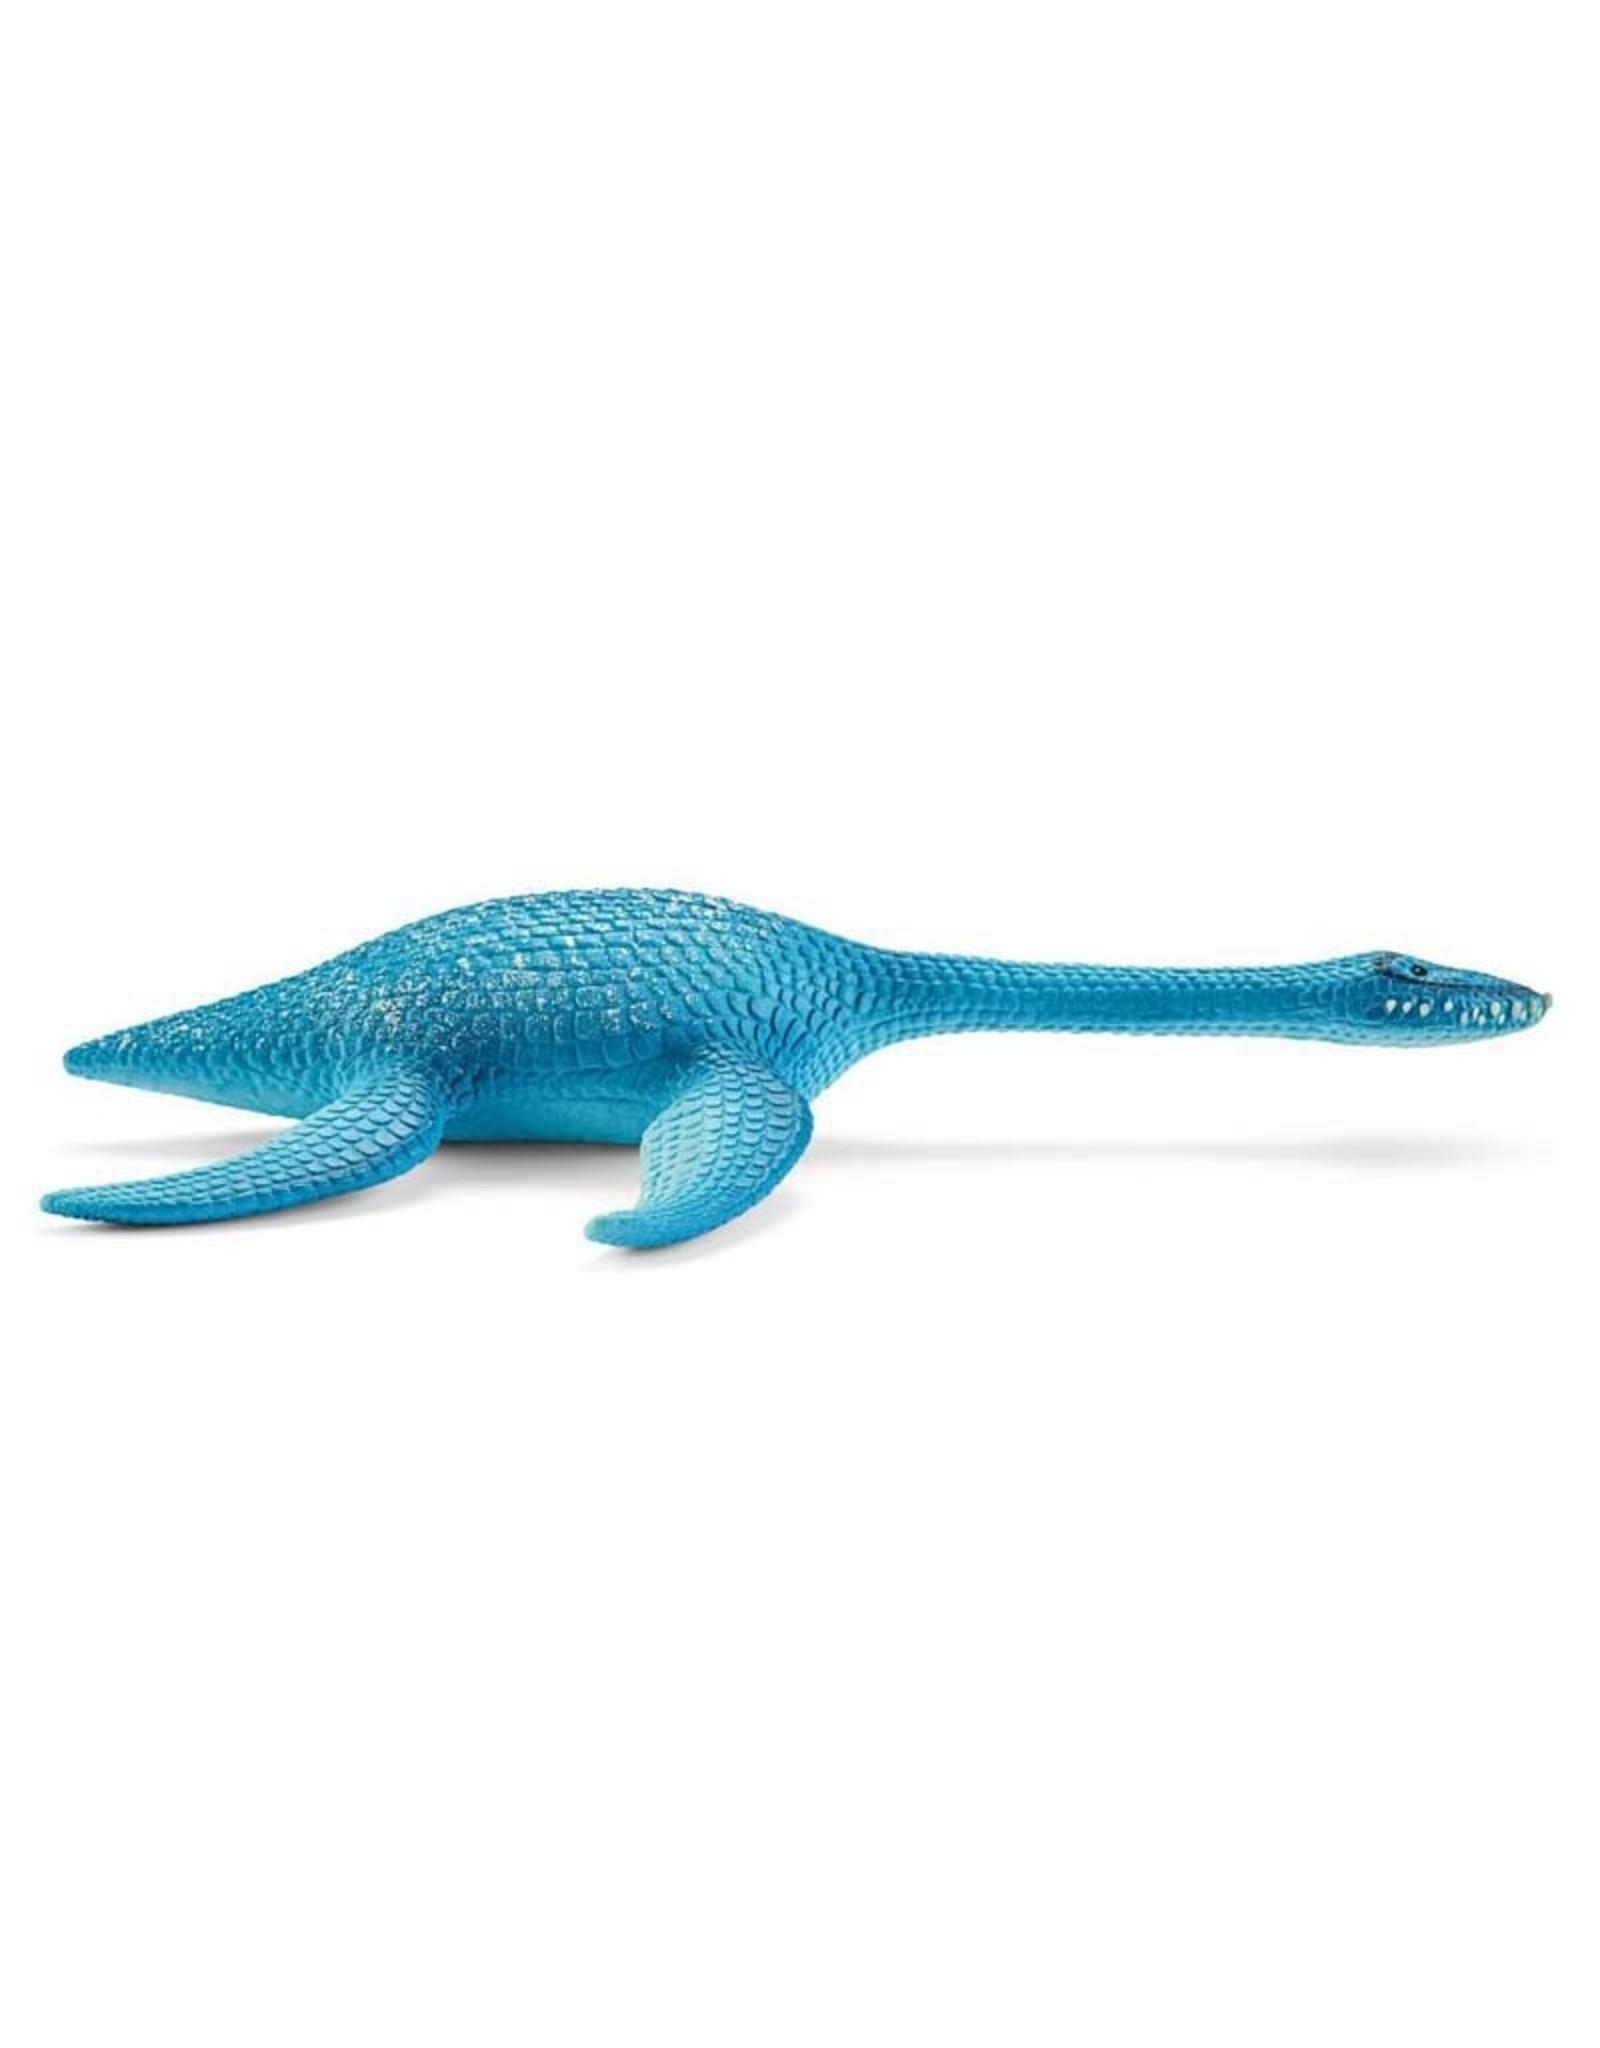 Schleich Schleich Plesiosaurus